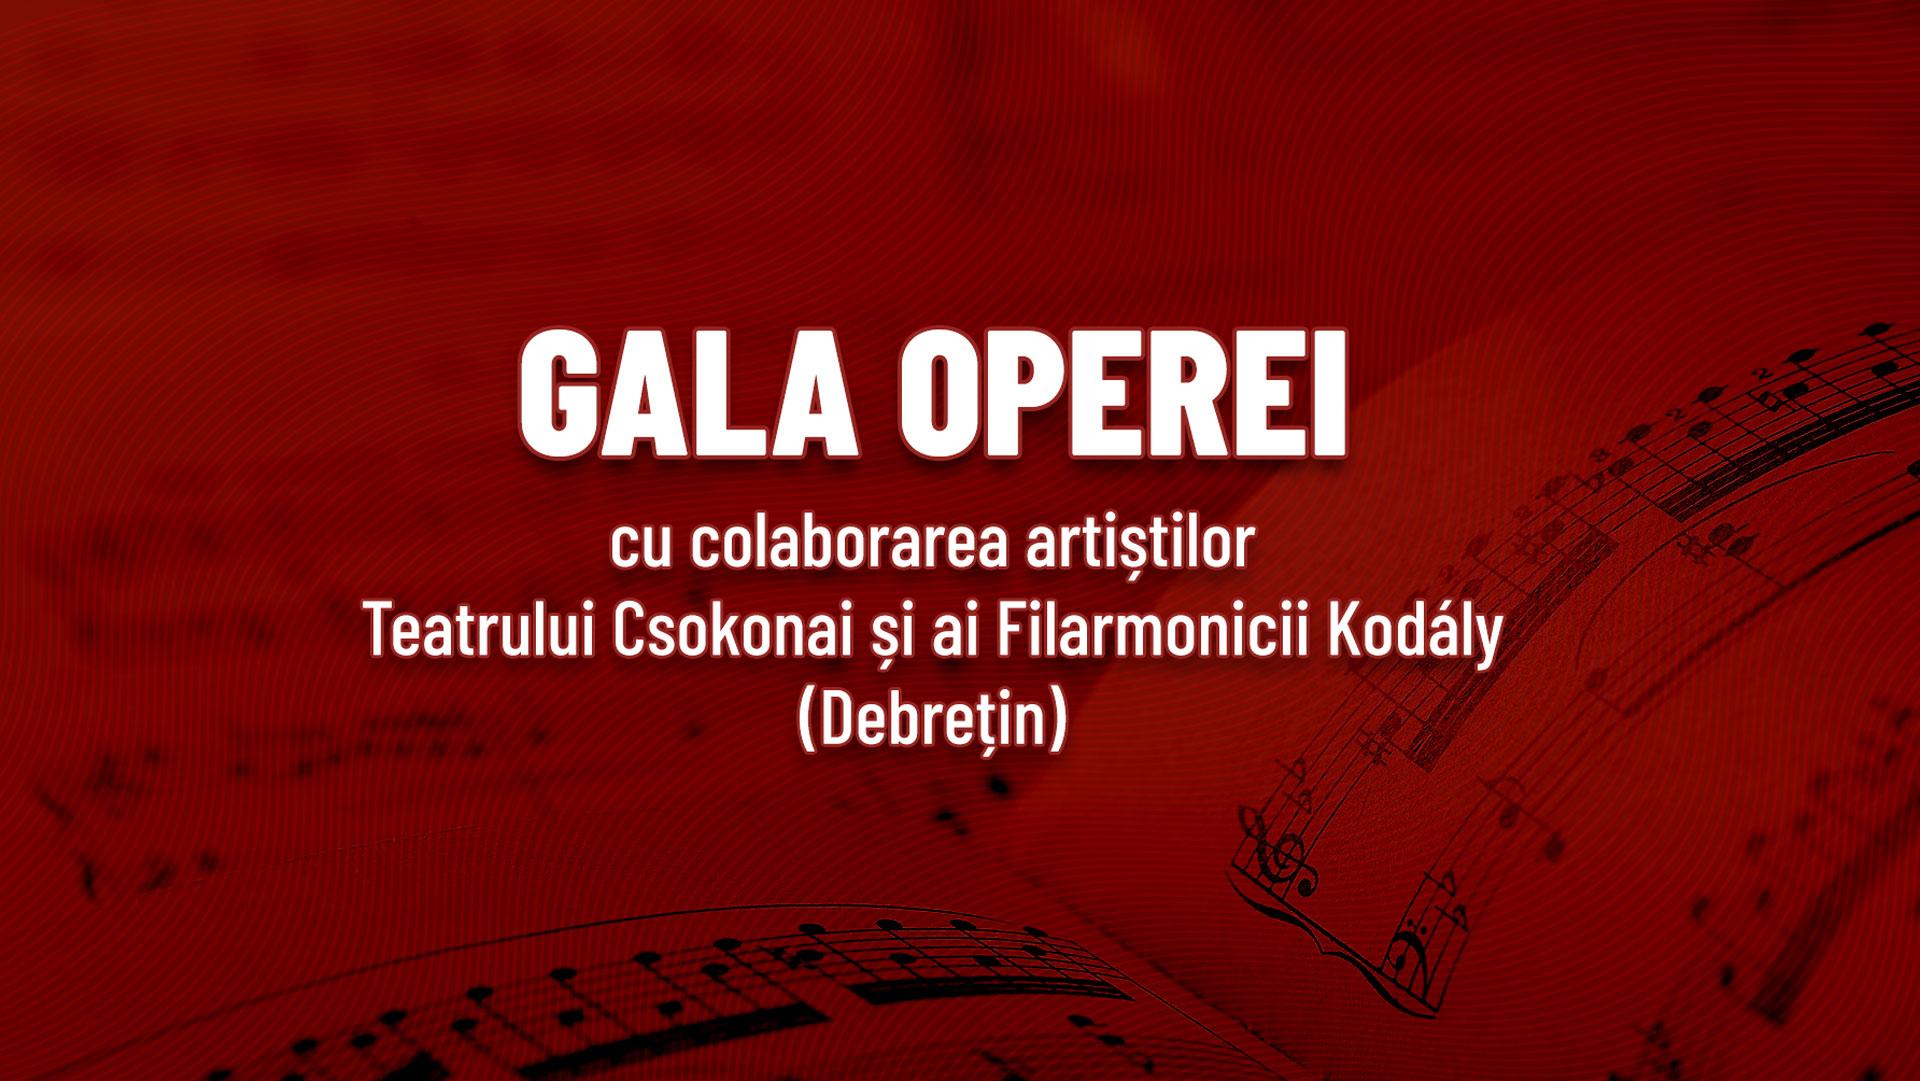 Gala de deschidere a festivalului – Gală de Operă